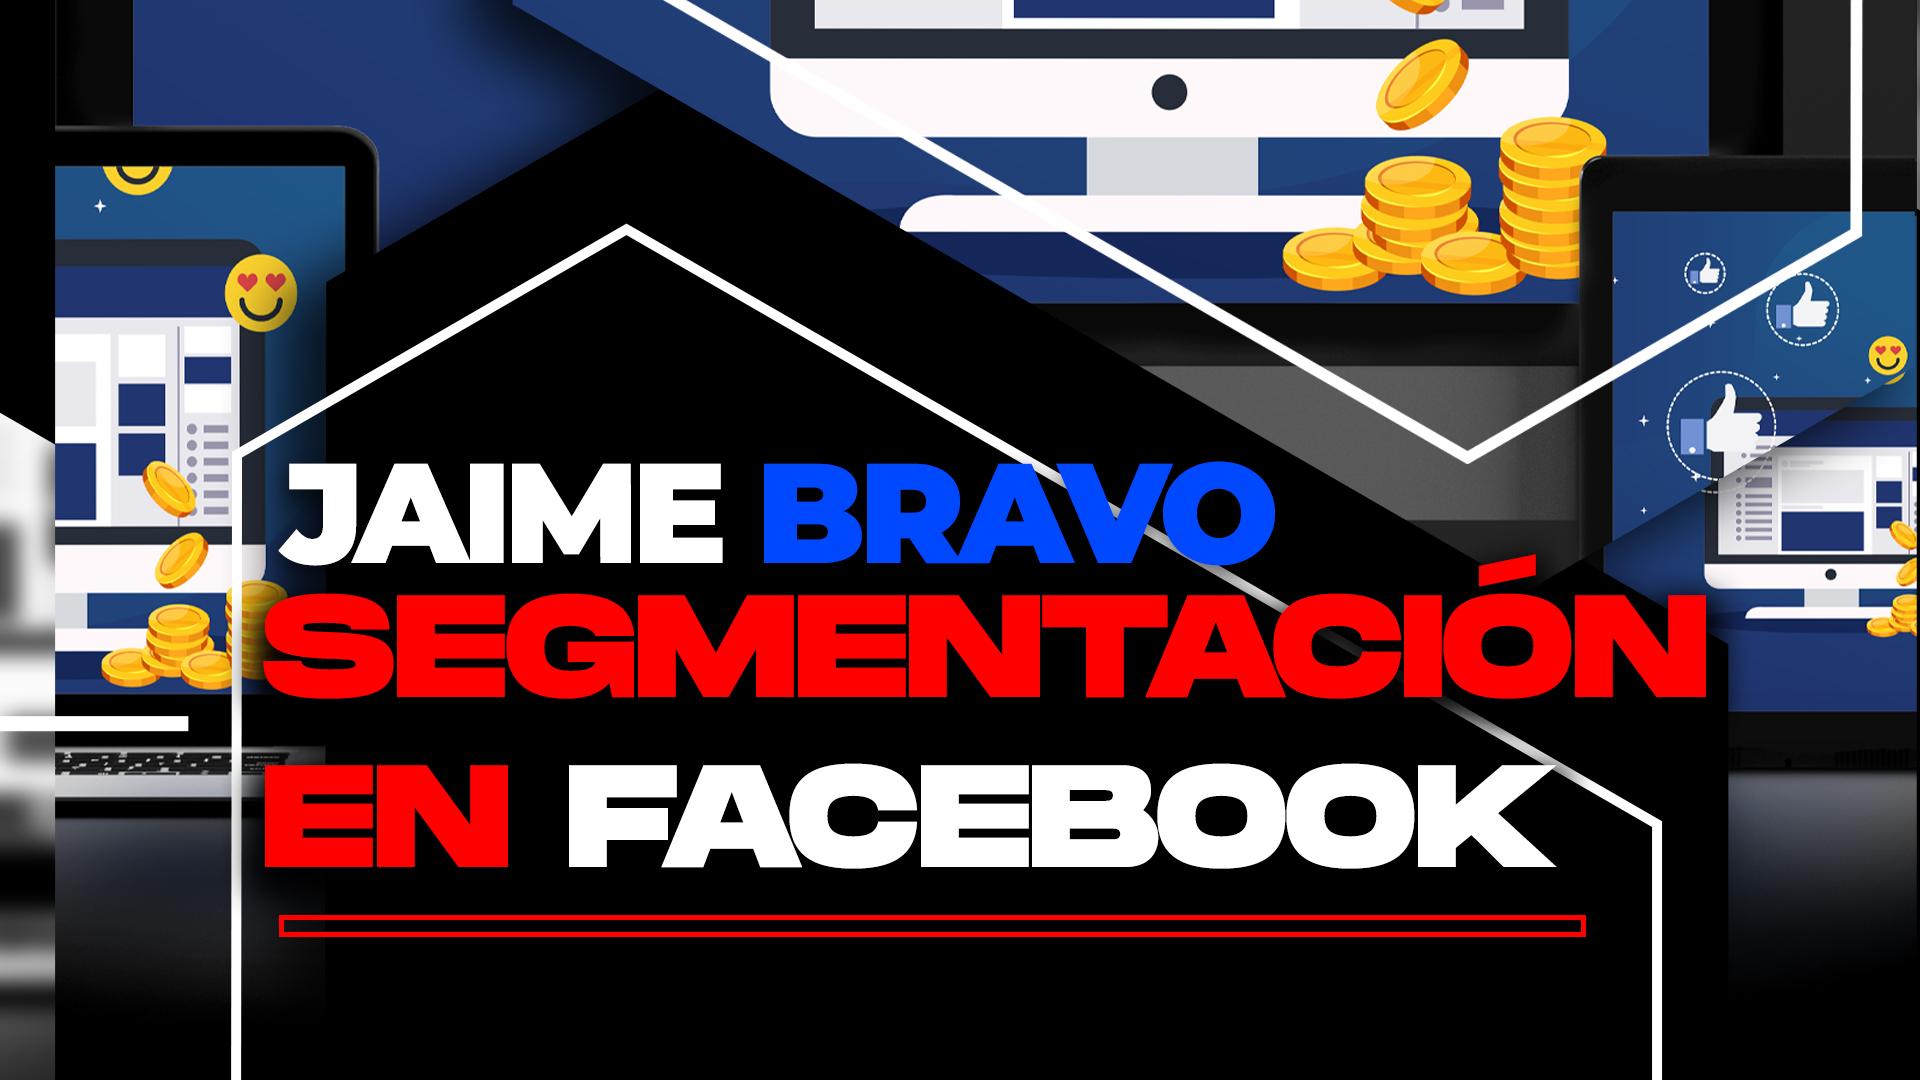 SEgmentacion en Facebook